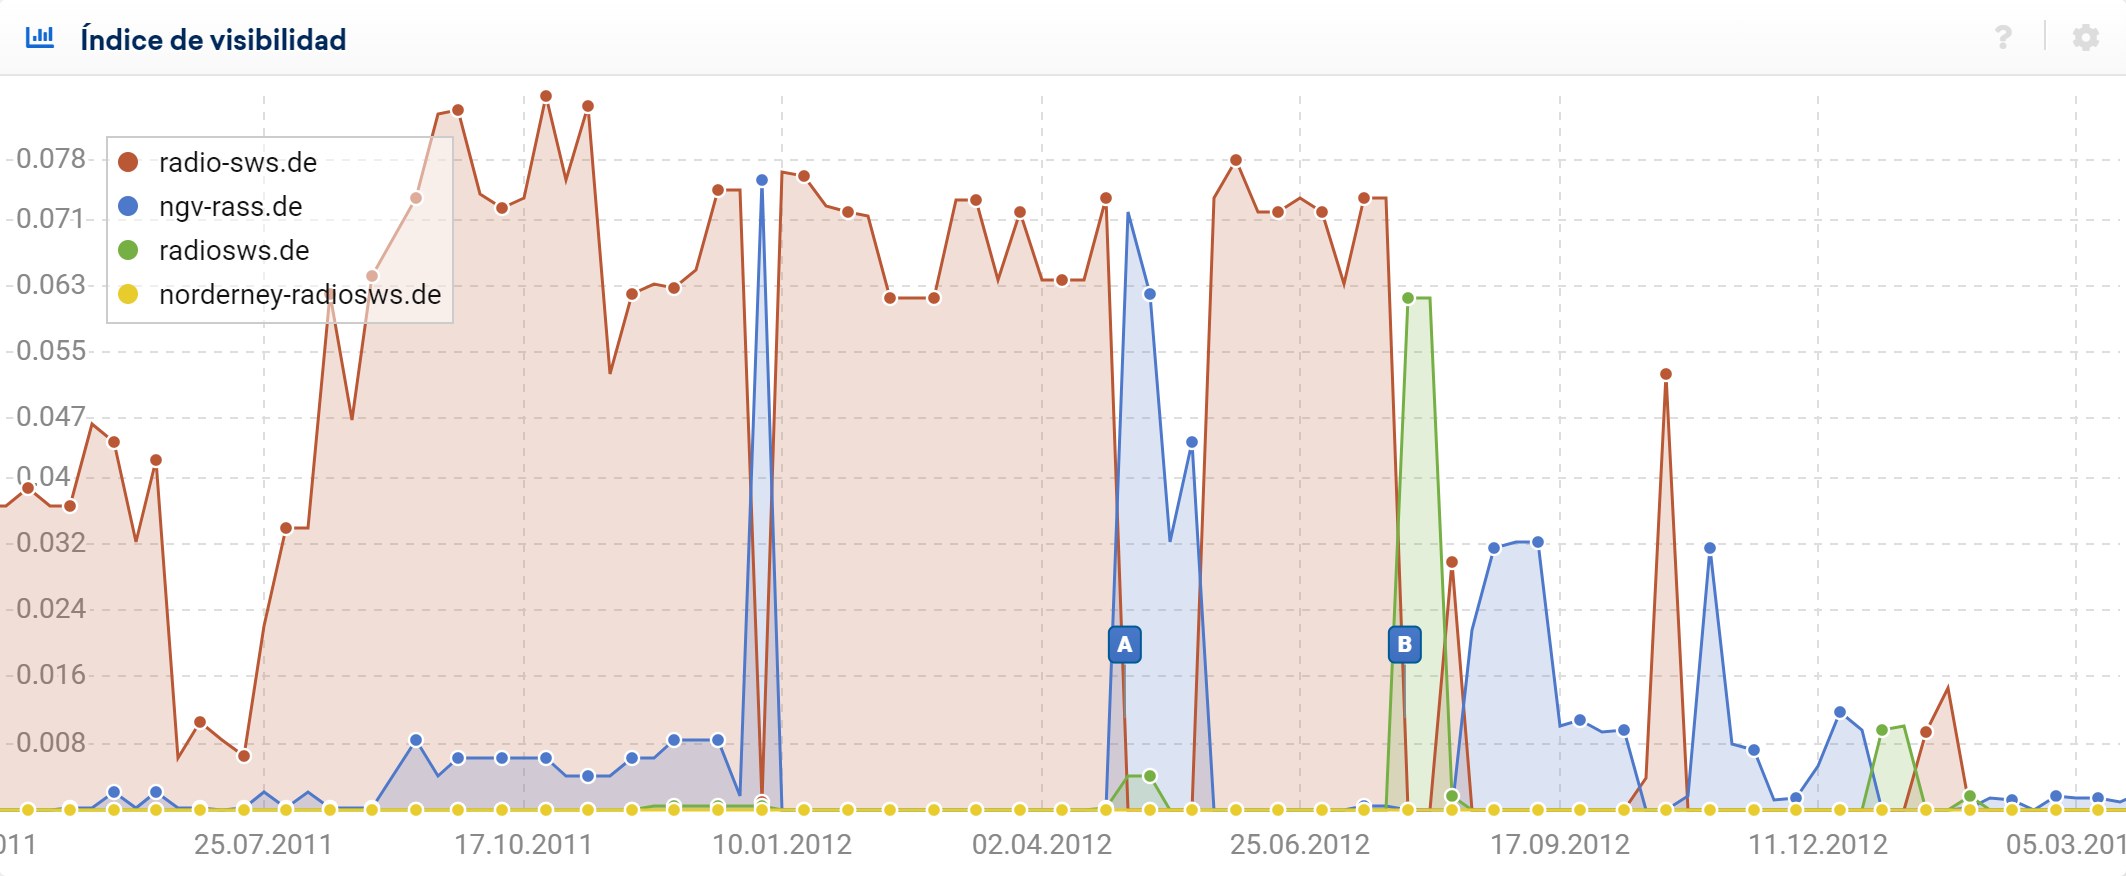 Comparación de la visibilidad de los dominios radio-sws.de, ngv-rass.de, radiosws.de y norderney-radiosws.de